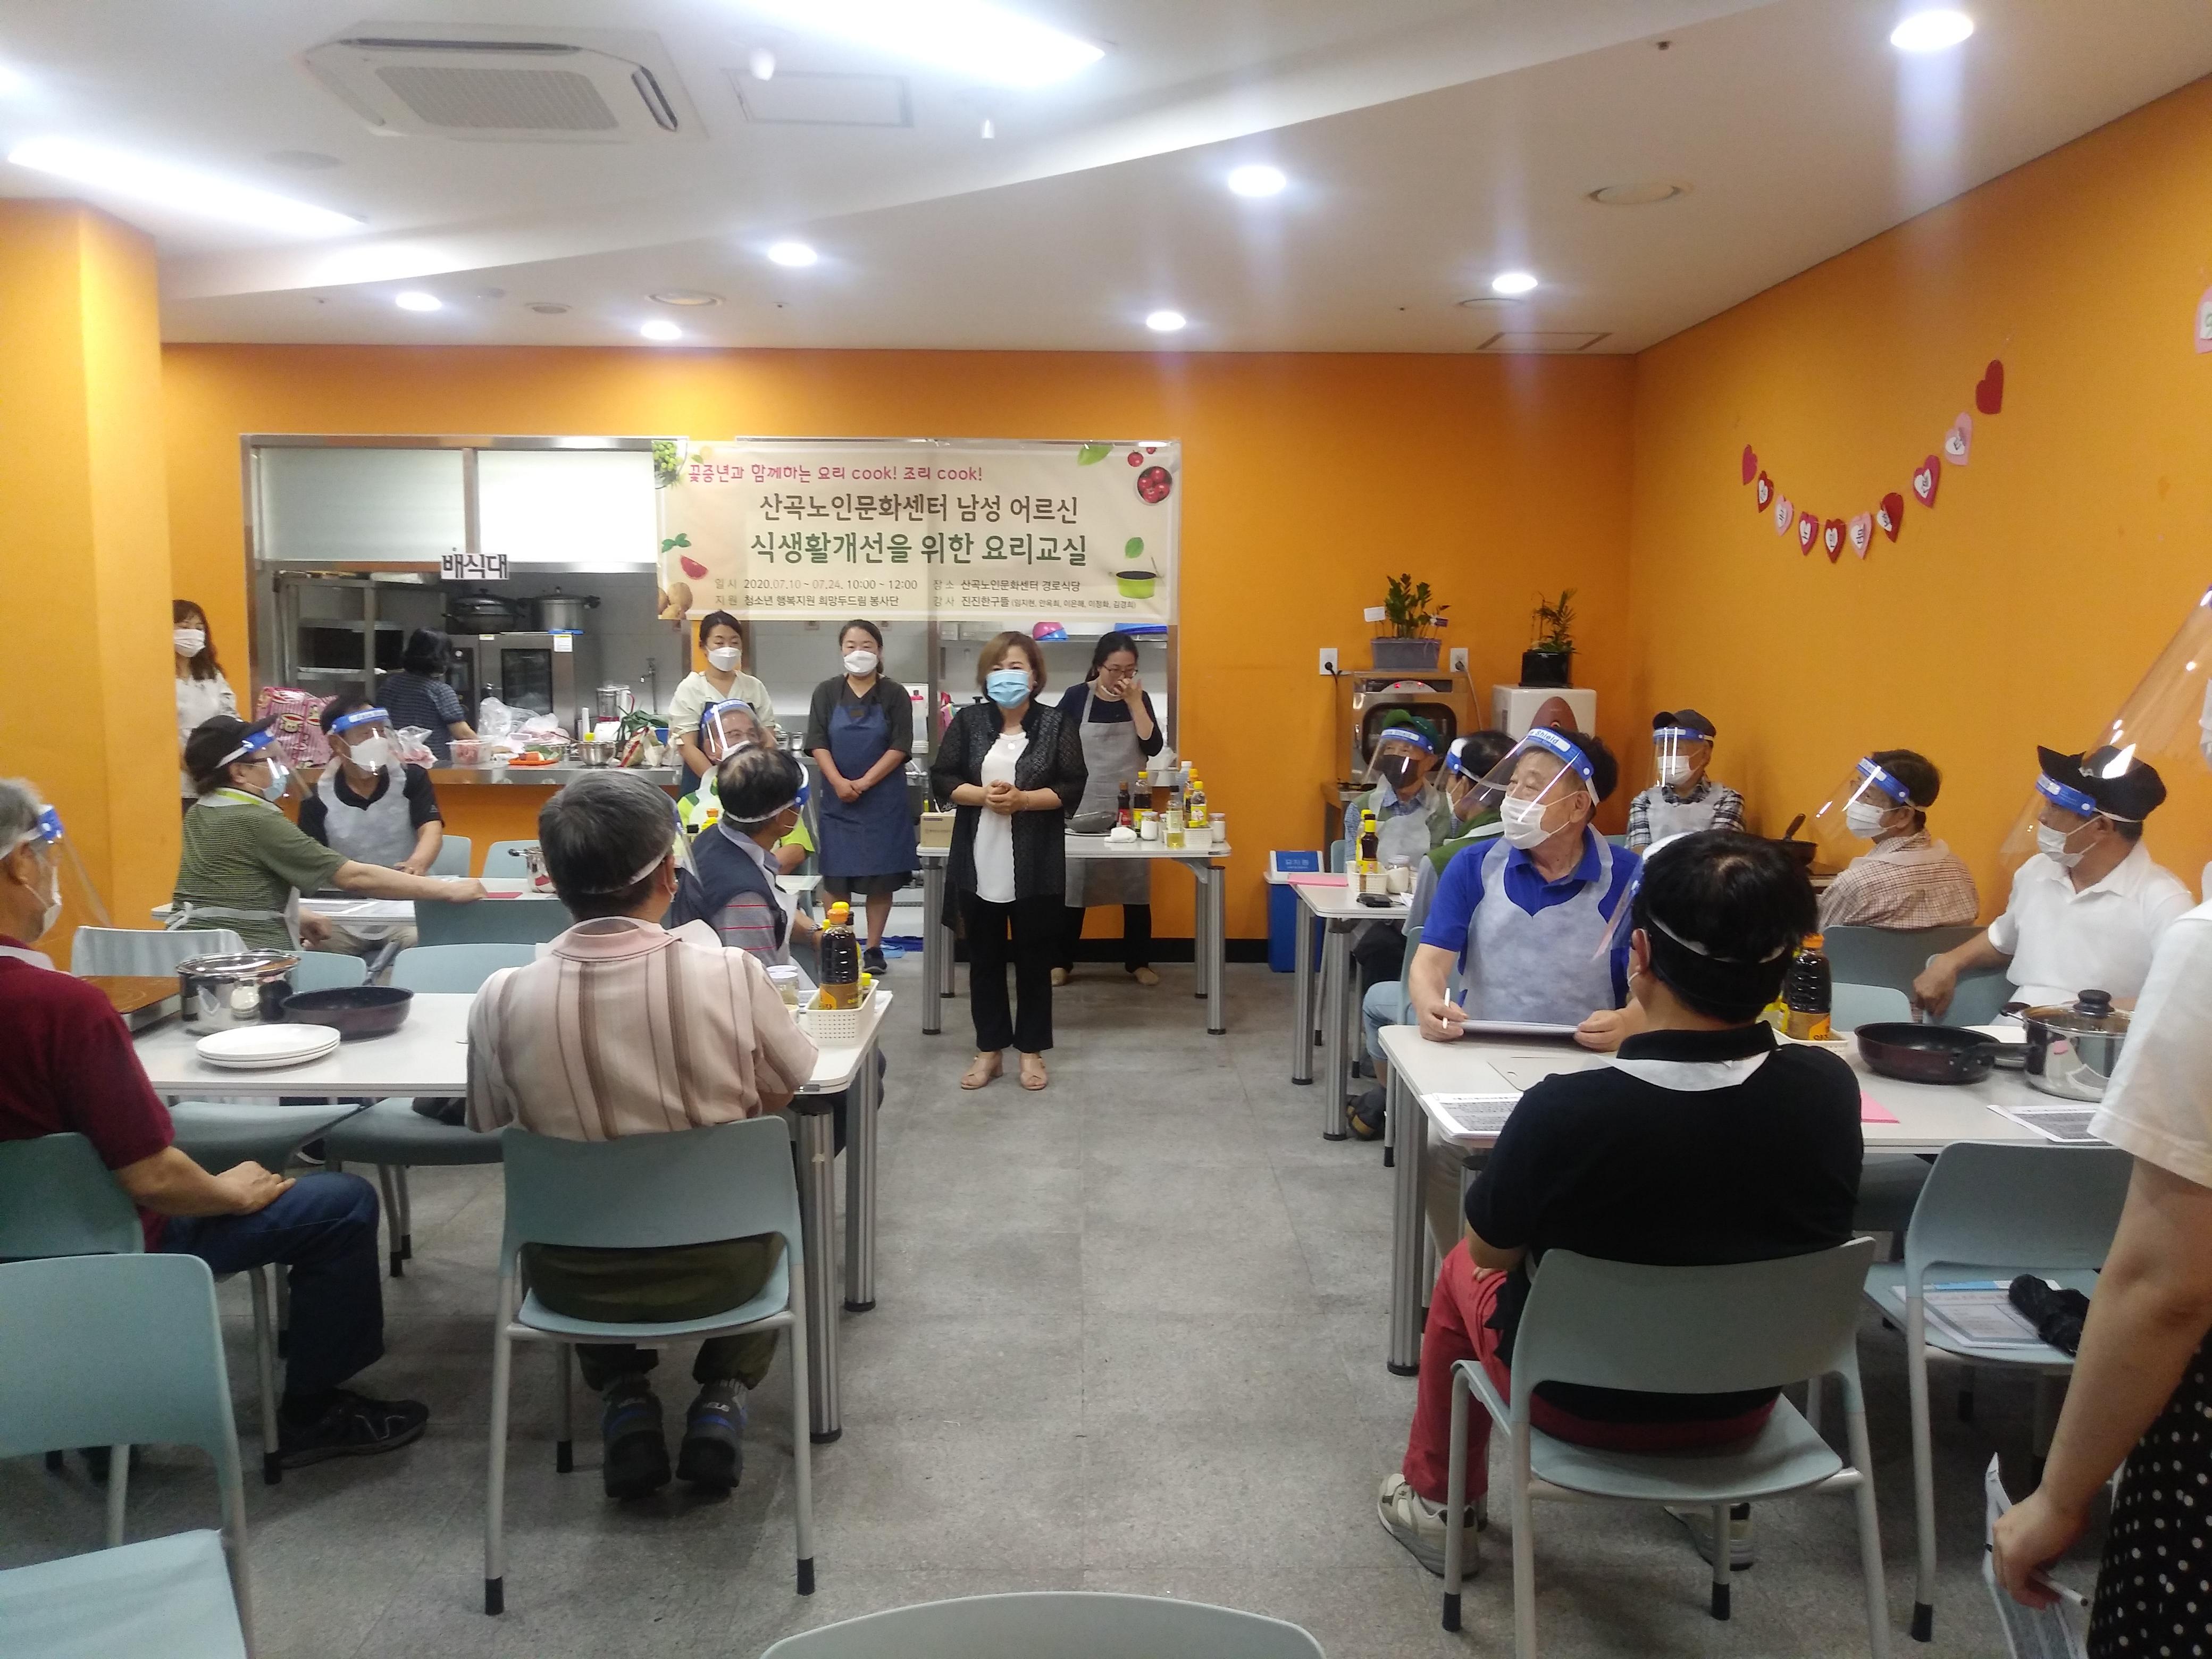 산곡노인문화센터, 꽃 중년과 함께하는 요리 cook! 진행